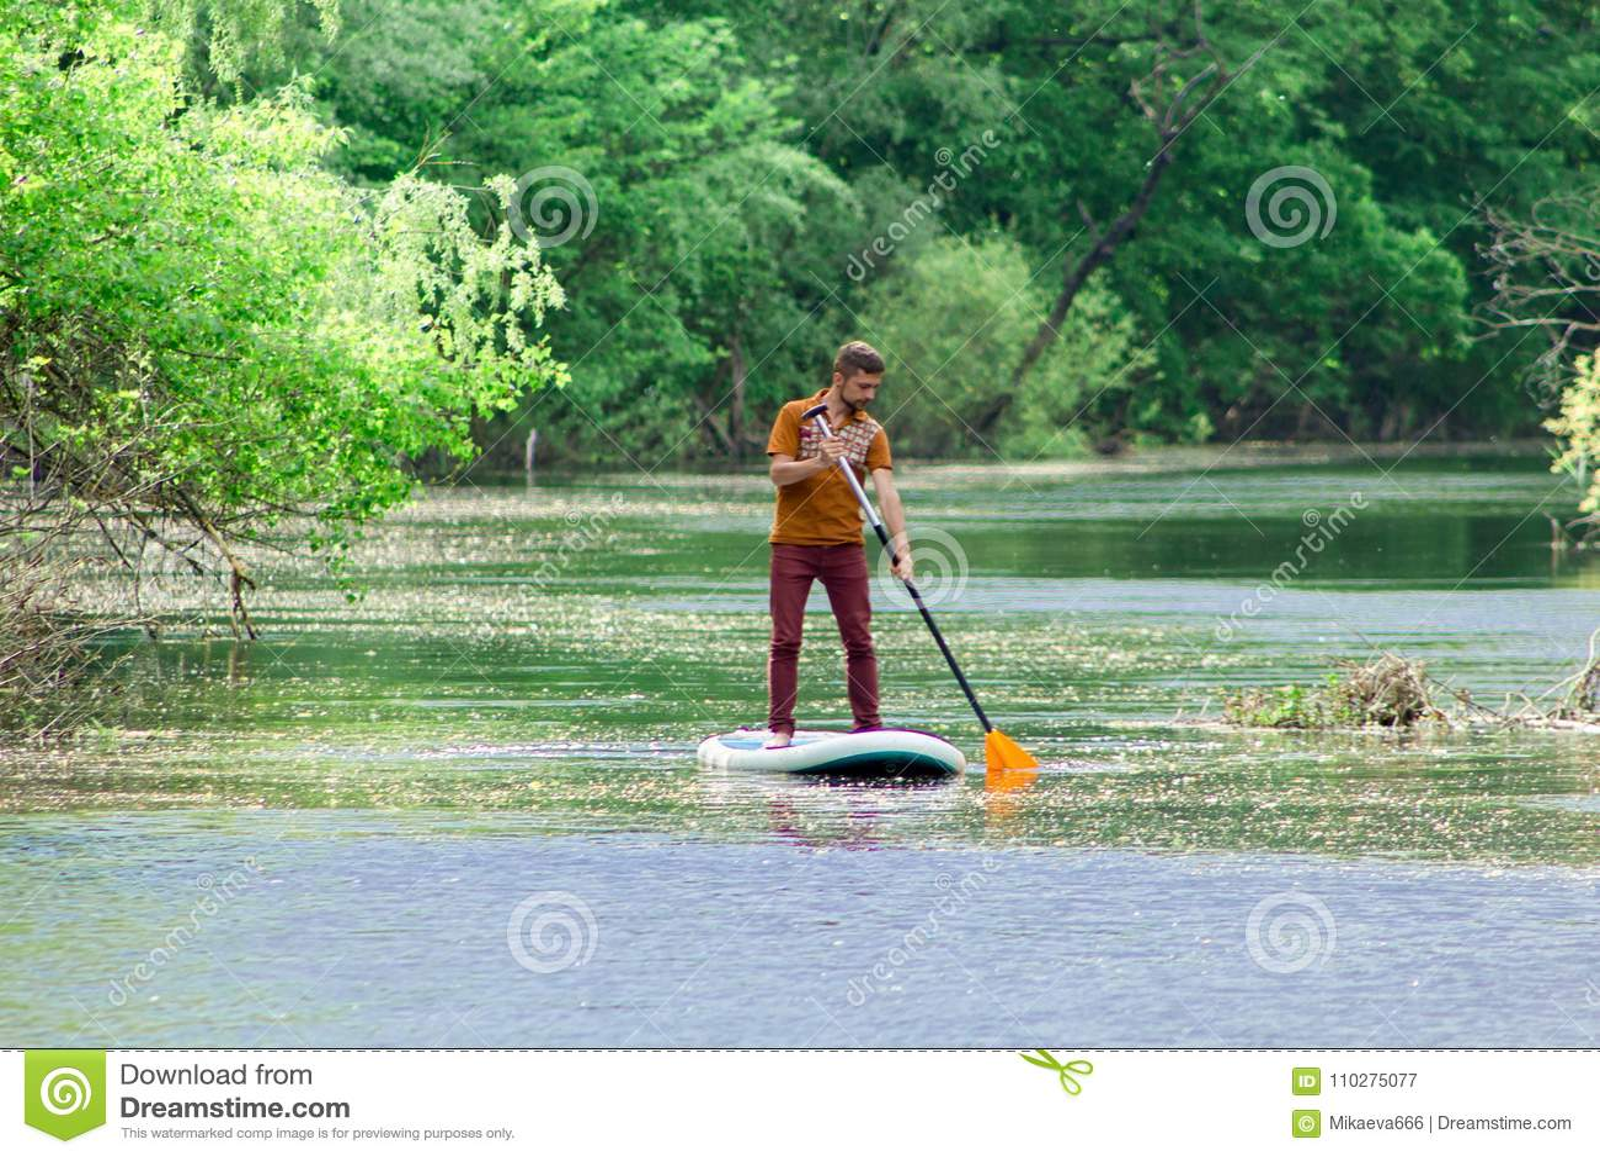 Sur la rivière dans la distance un homme nage sur un panneau de petite gorgée